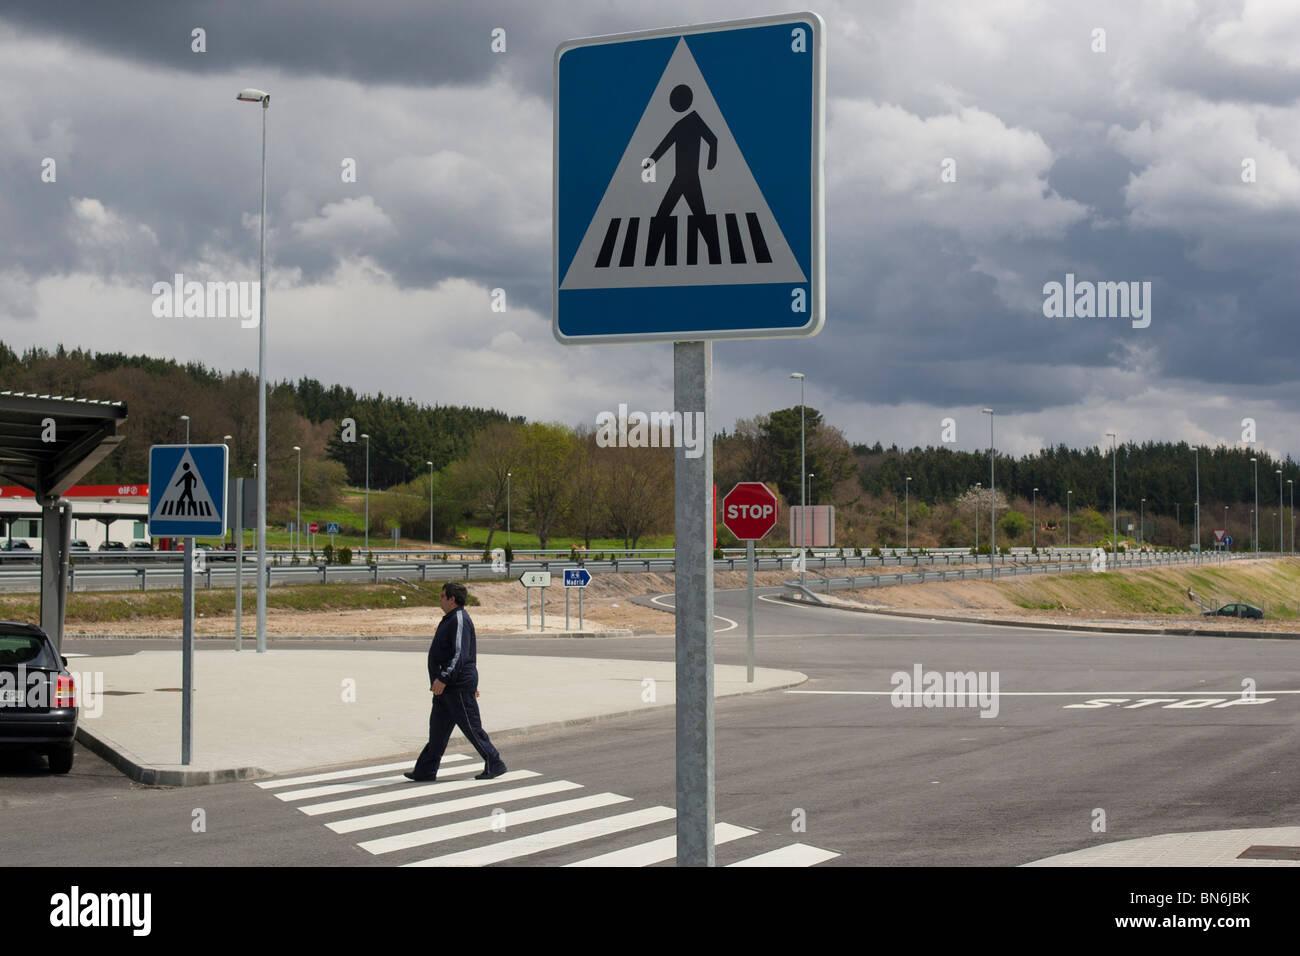 Zona de descanso en la autovía del noroeste A6. Lugo, Galicia. España. Área de descanso en el noroeste de la autovía A6. Lugo, Galicia. España. Foto de stock